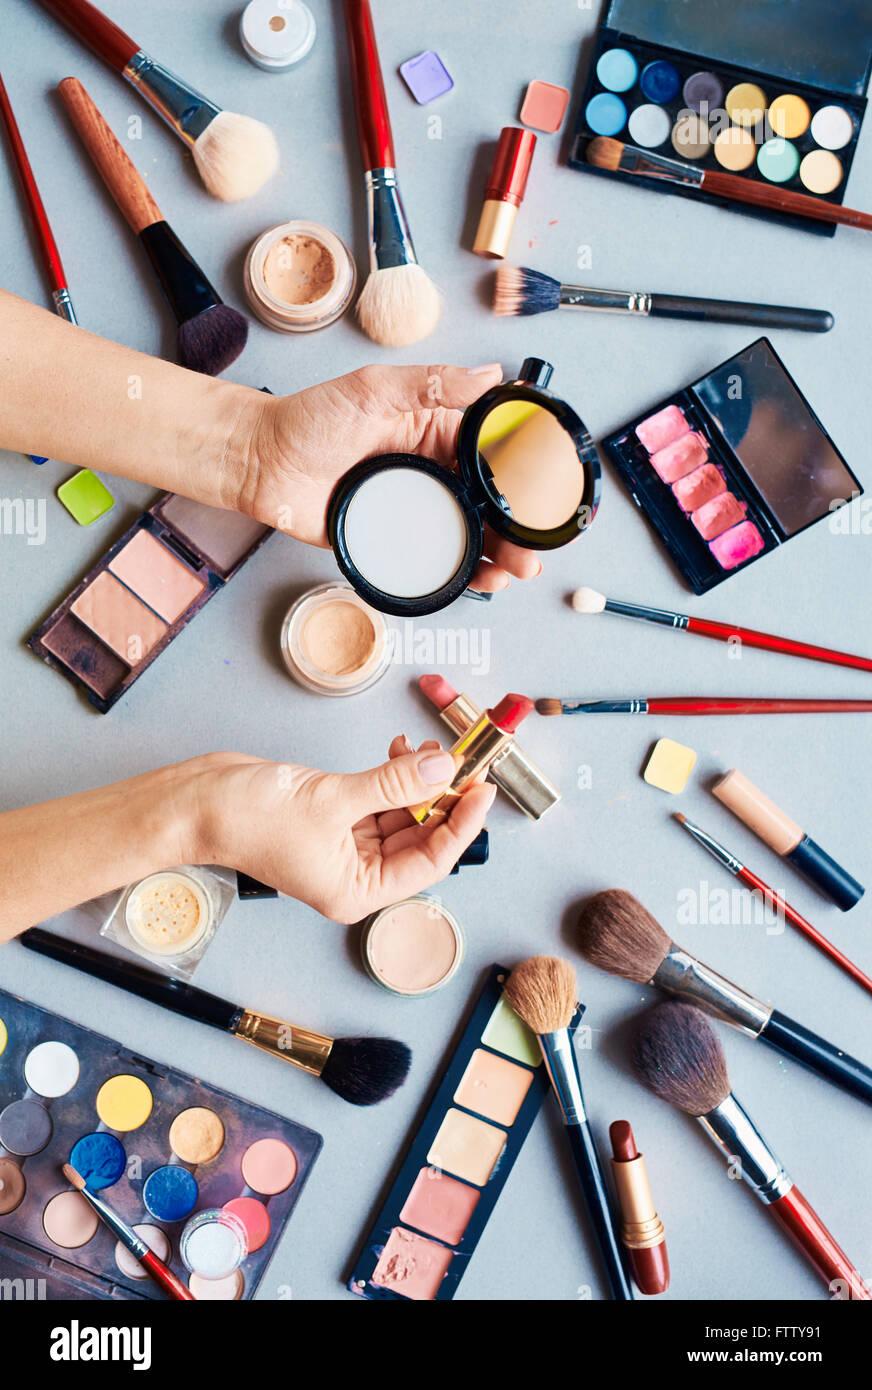 Esteticista con polvo y labios Imagen De Stock